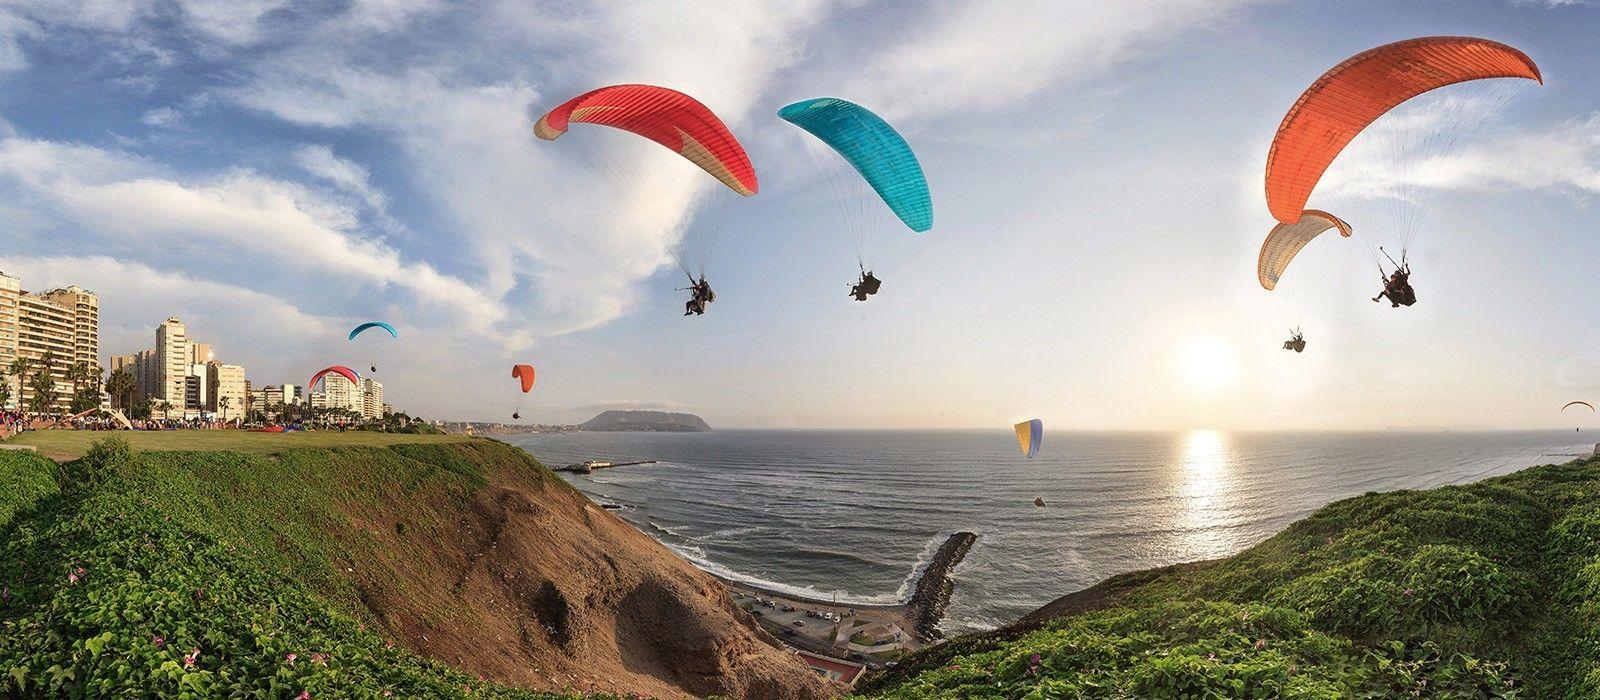 Peru & Galapagos Reise – Natur & Geschichte entdecken Urlaub 3